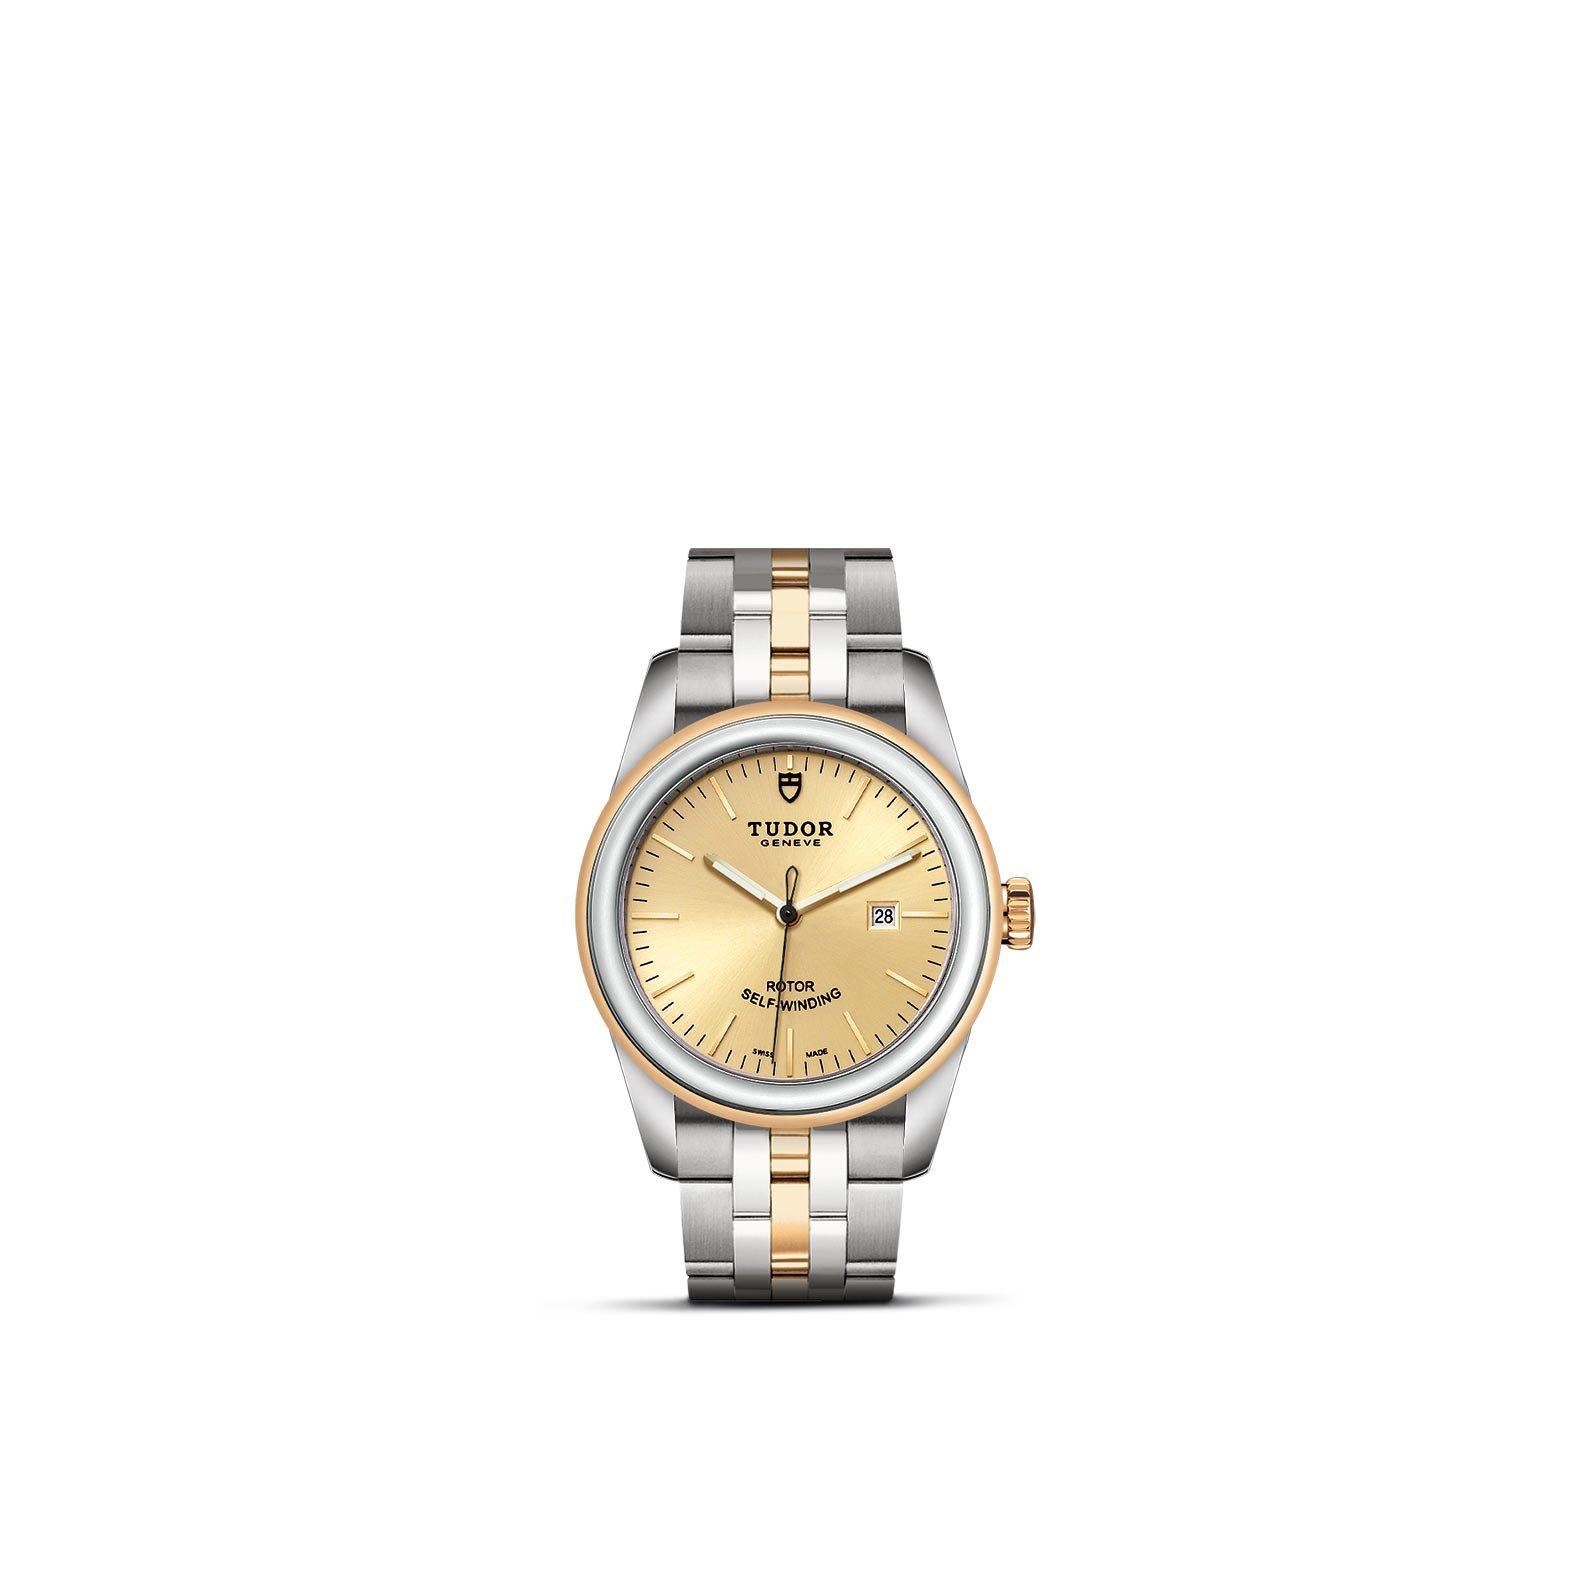 Montre TUDOR Glamour Date boîtier en acier, 31mm, lunette en acier et or jaune vue 1